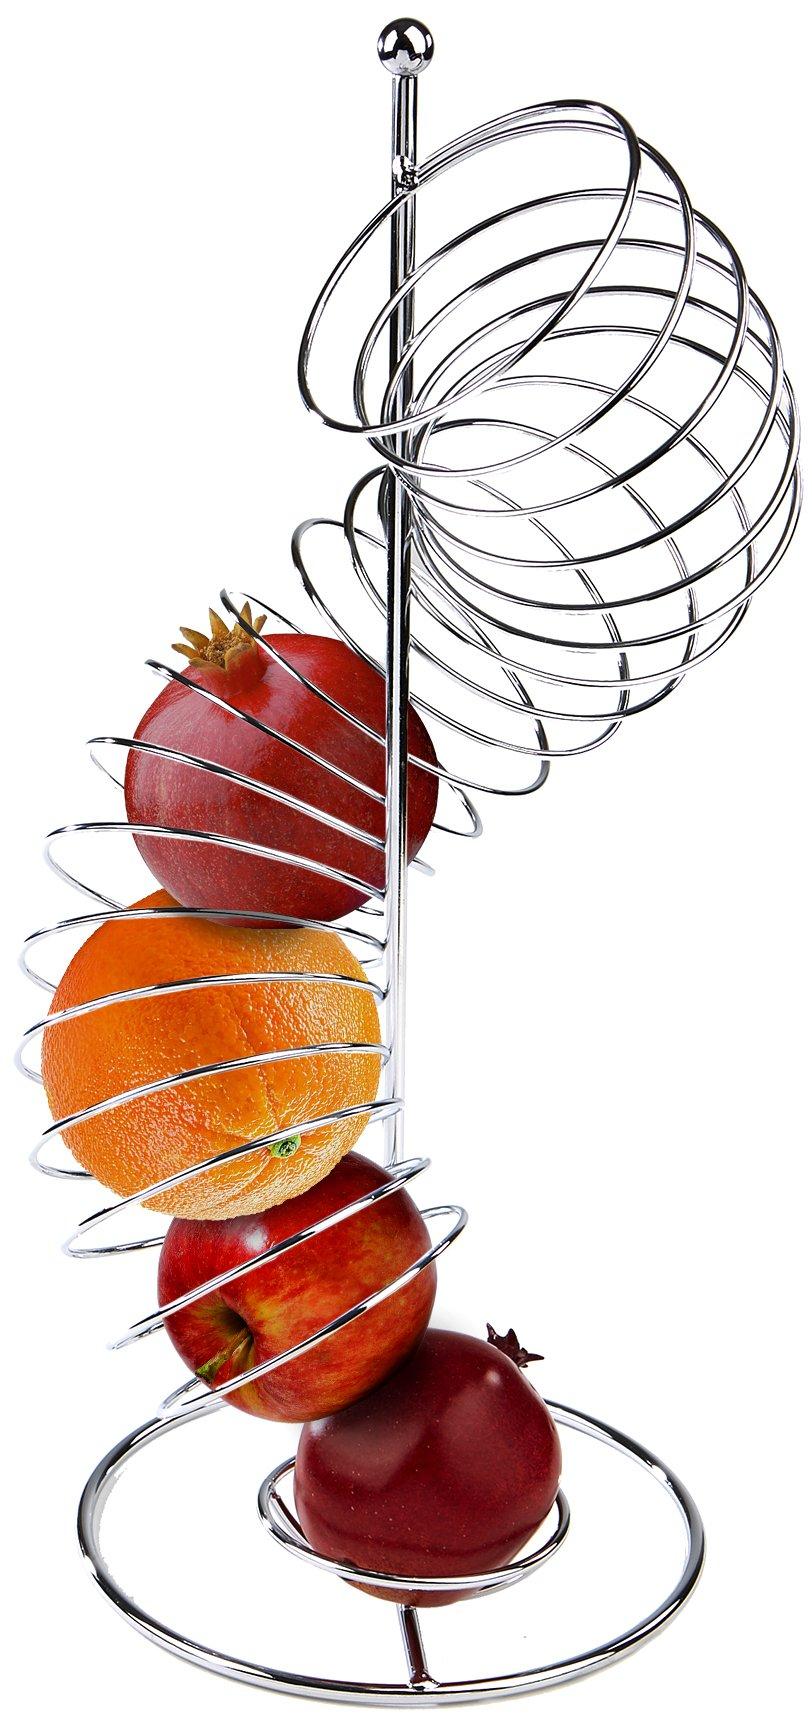 Mind Reader Spiral Fruit Basket, Stainless Steel